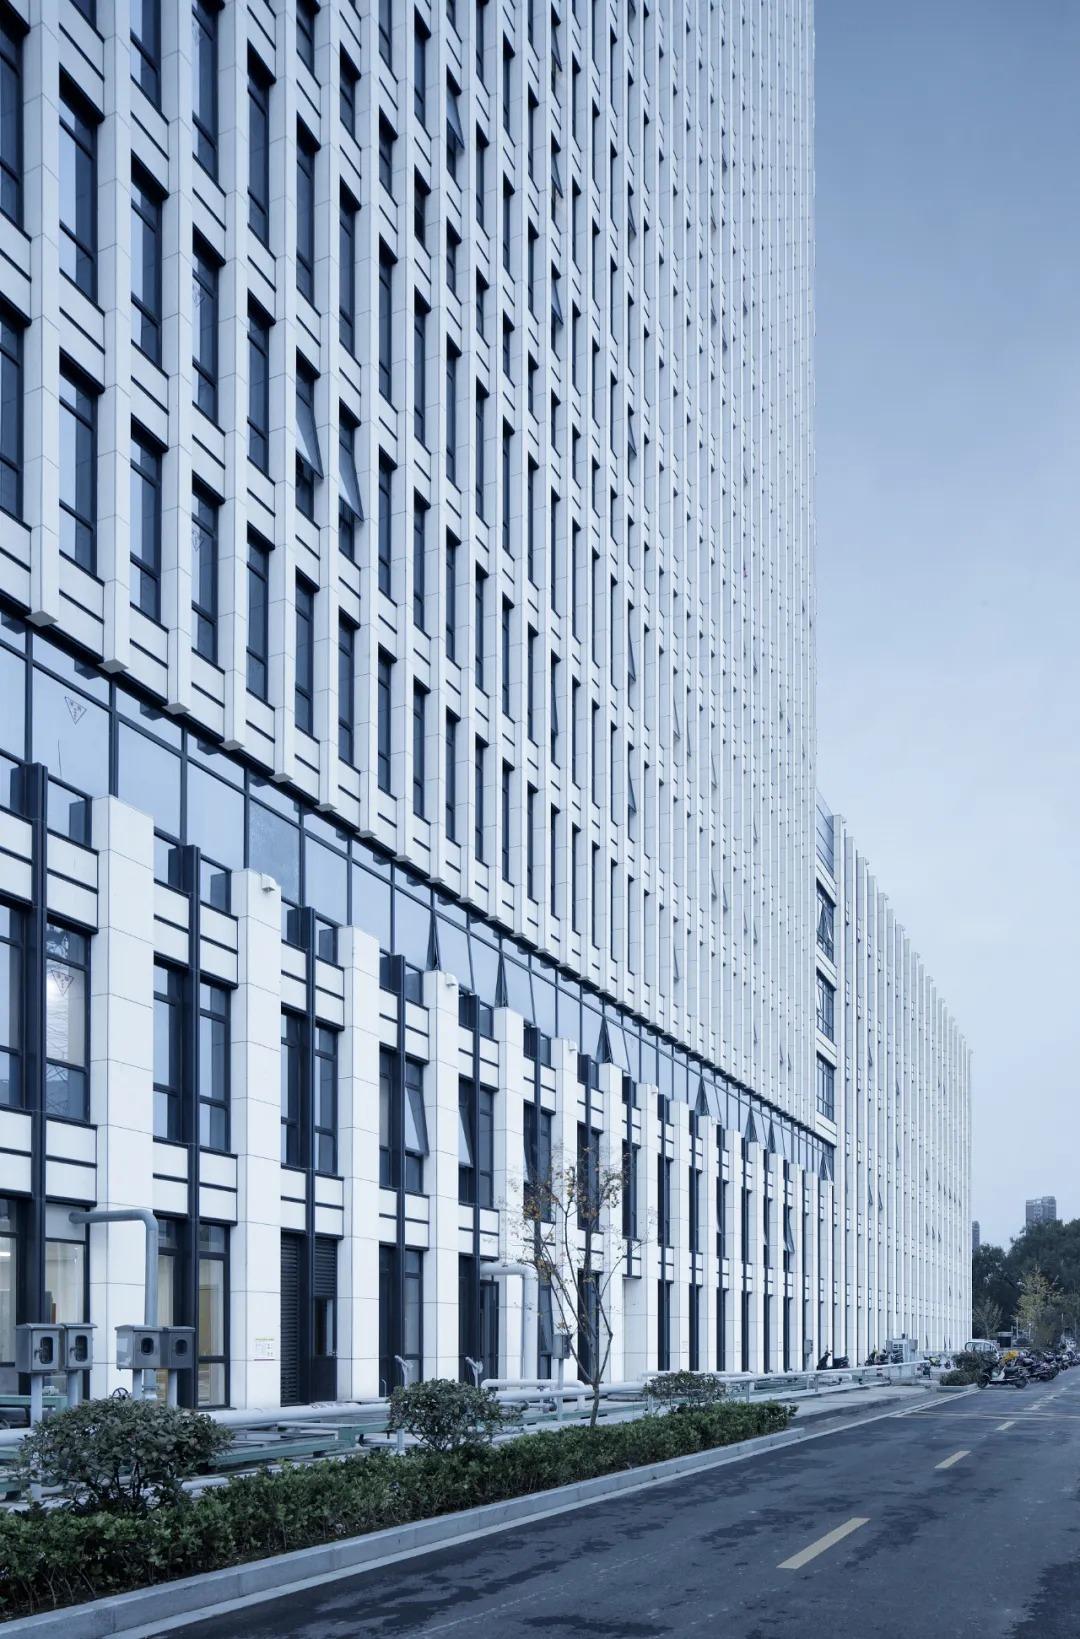 海安市人民医院门急诊病房综合楼 建筑设计 /  浙江大学建筑设计研究院